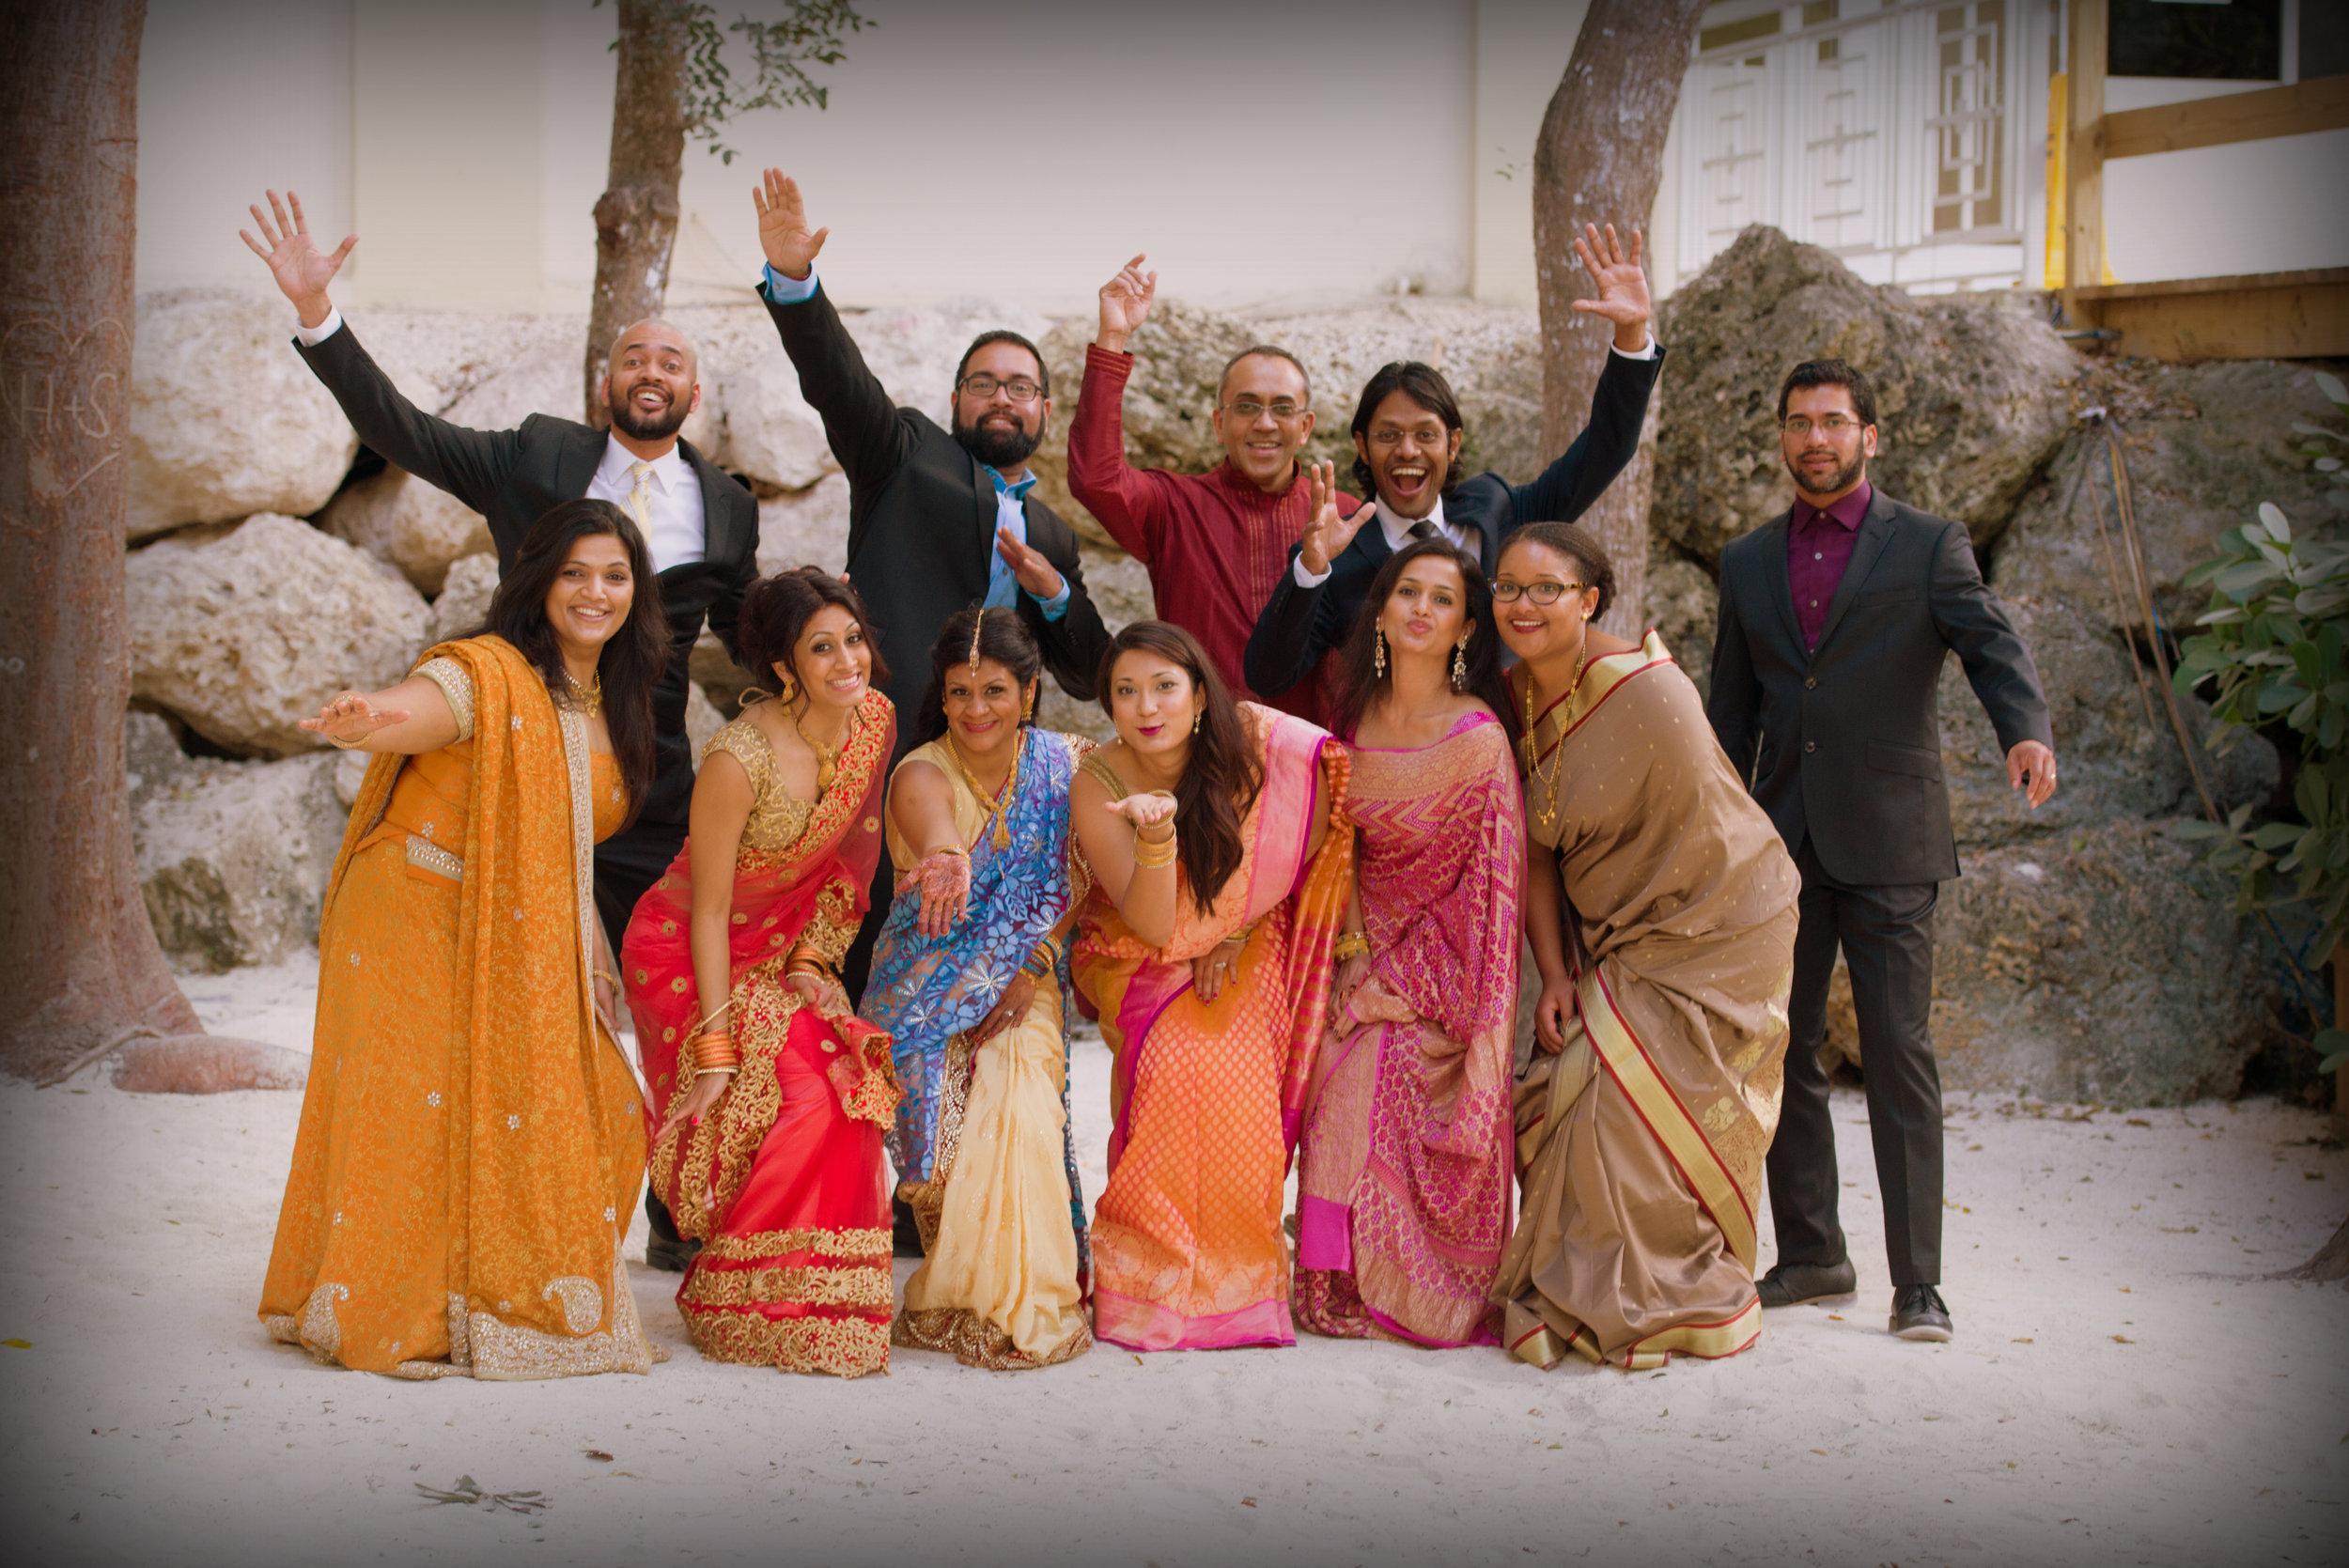 Muks Wedding Group Photo.jpg